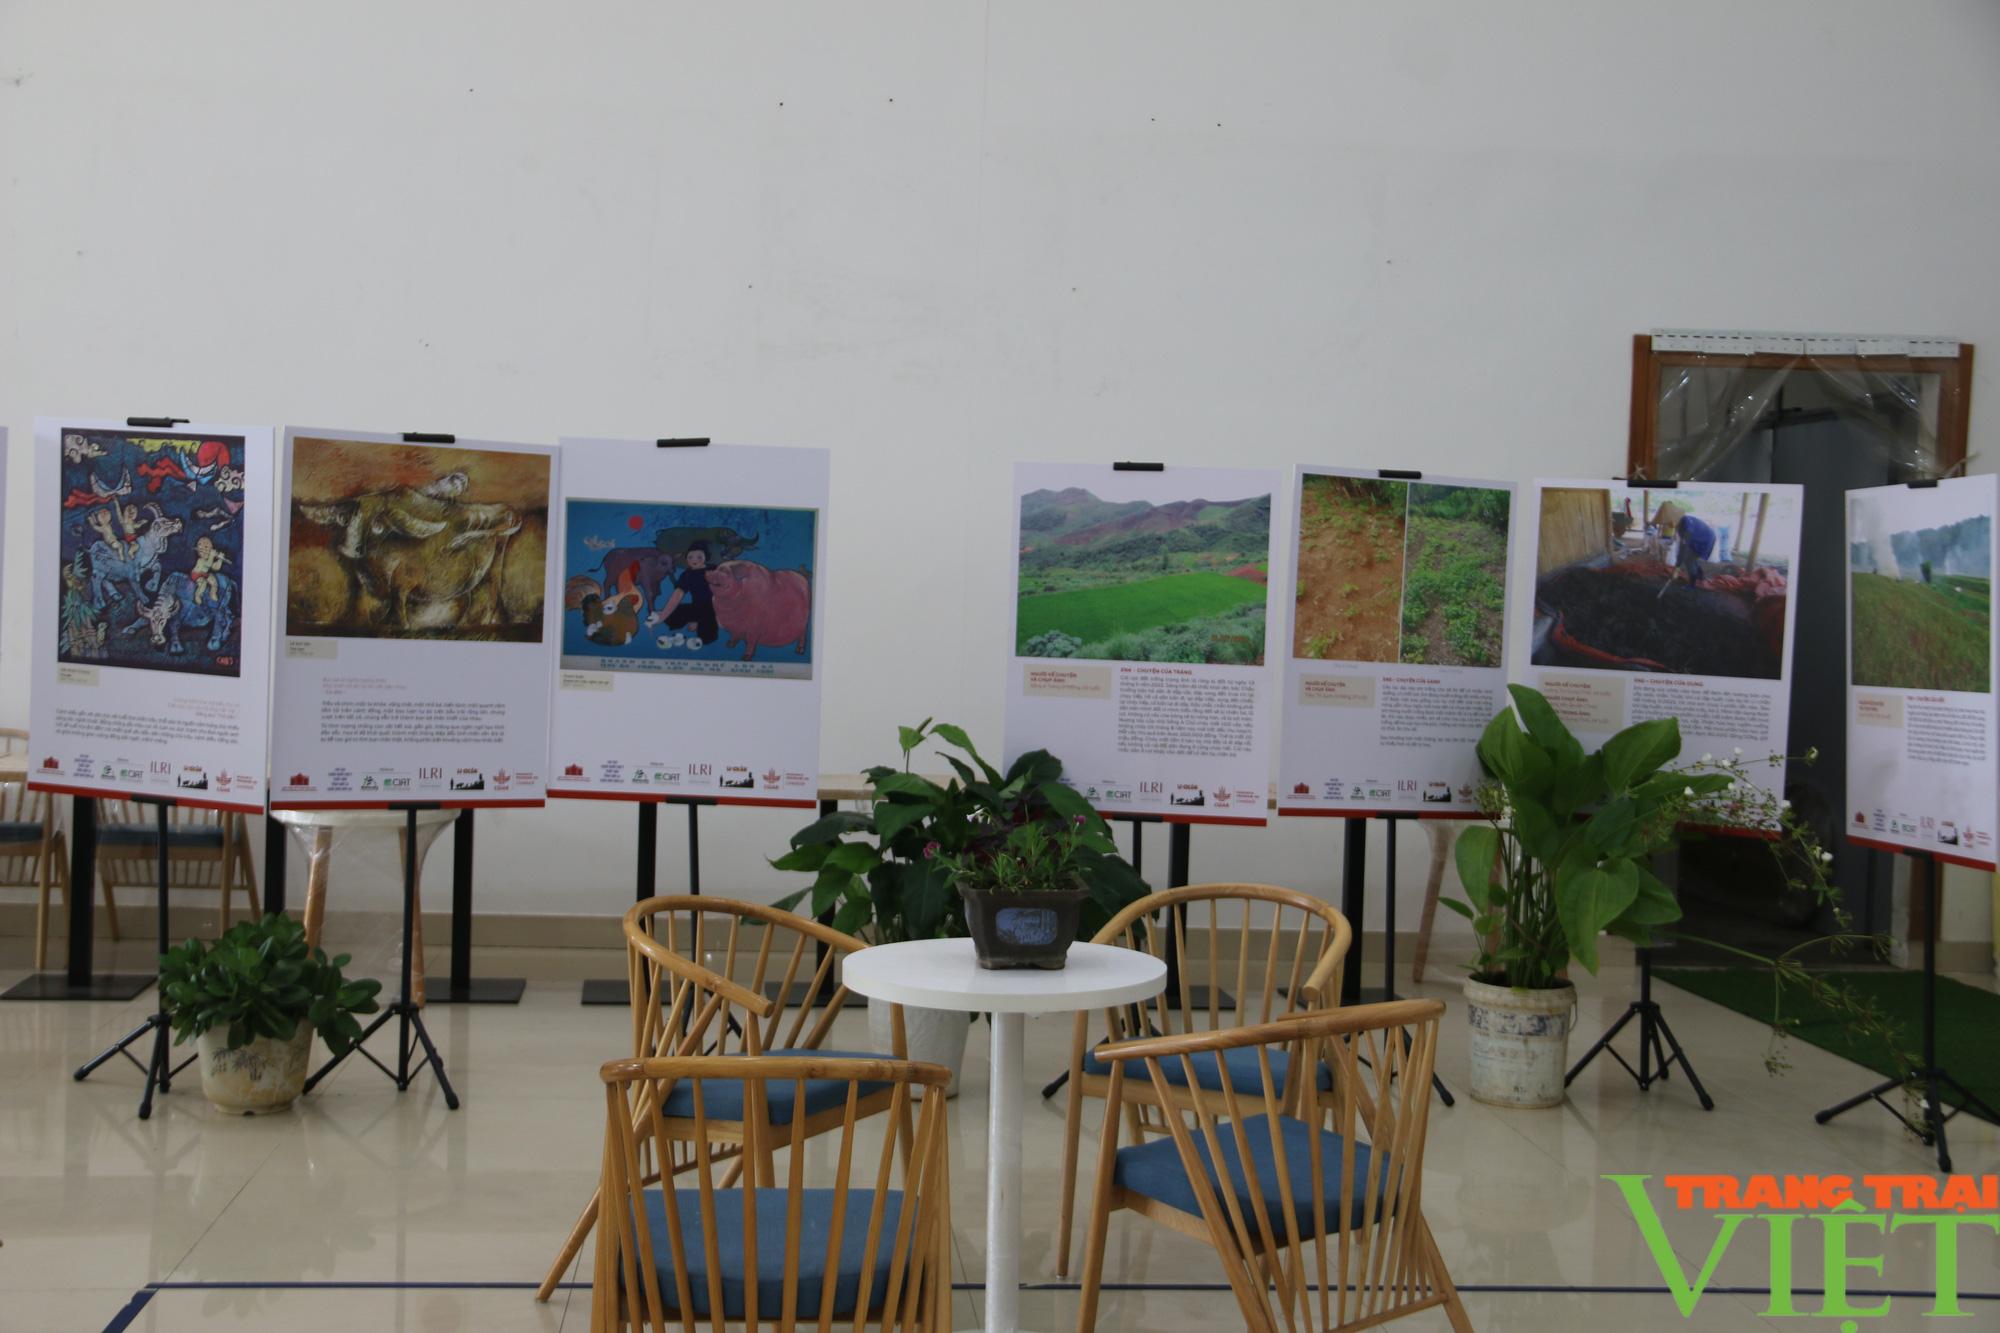 Khai mạc triển lãm chăn nuôi dưới góc nhìn của nghệ sĩ và nông dân  - Ảnh 6.